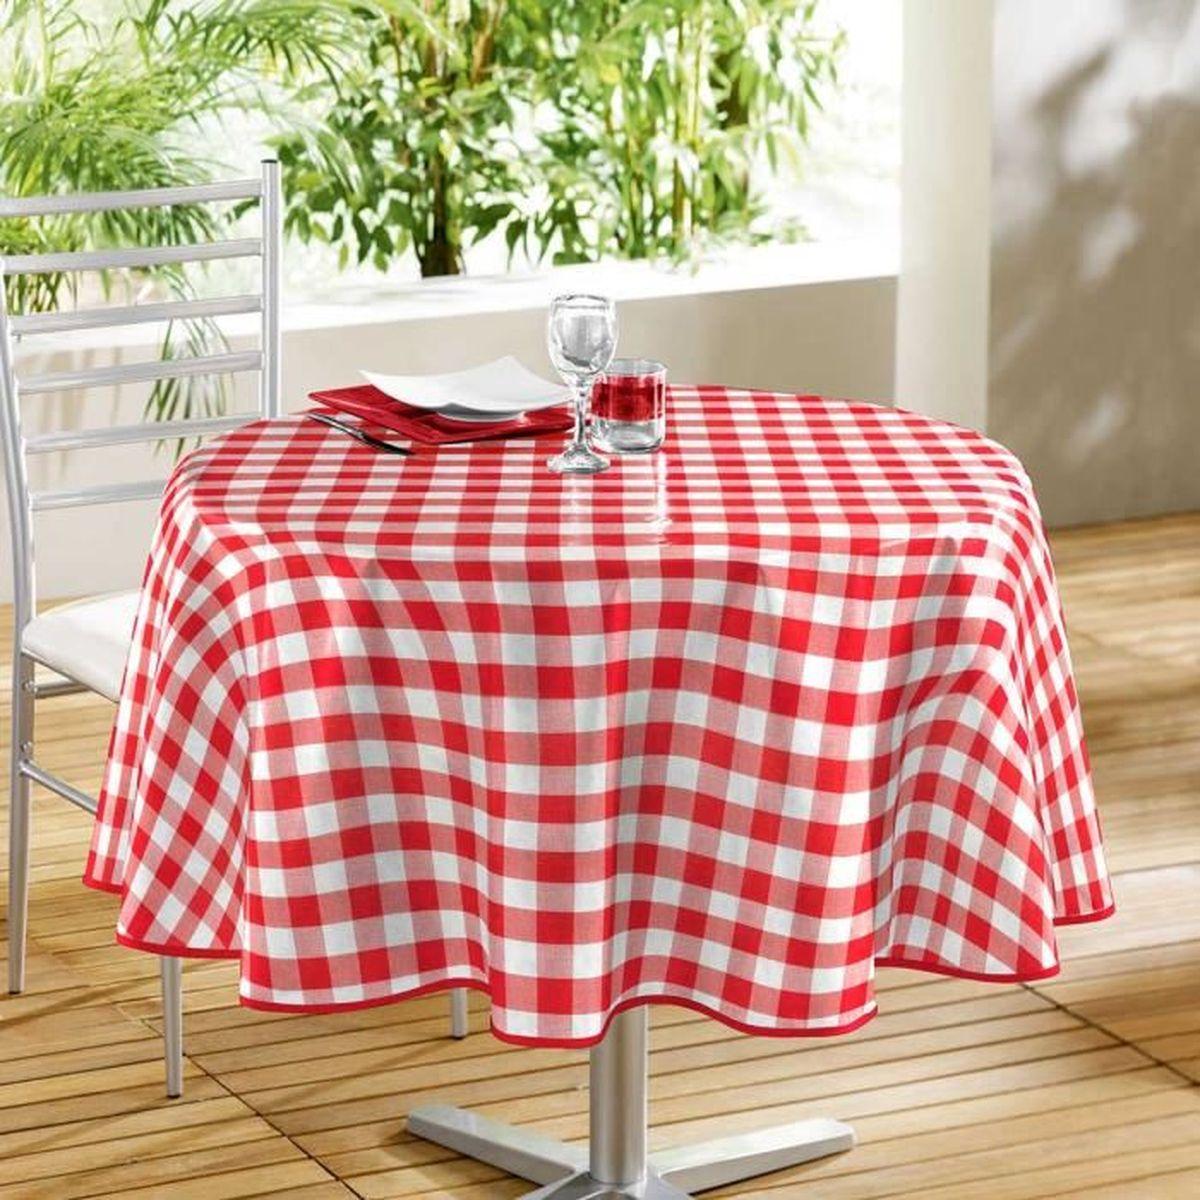 Nappe rouge pas cher fashion designs - Nappe de table ronde ...